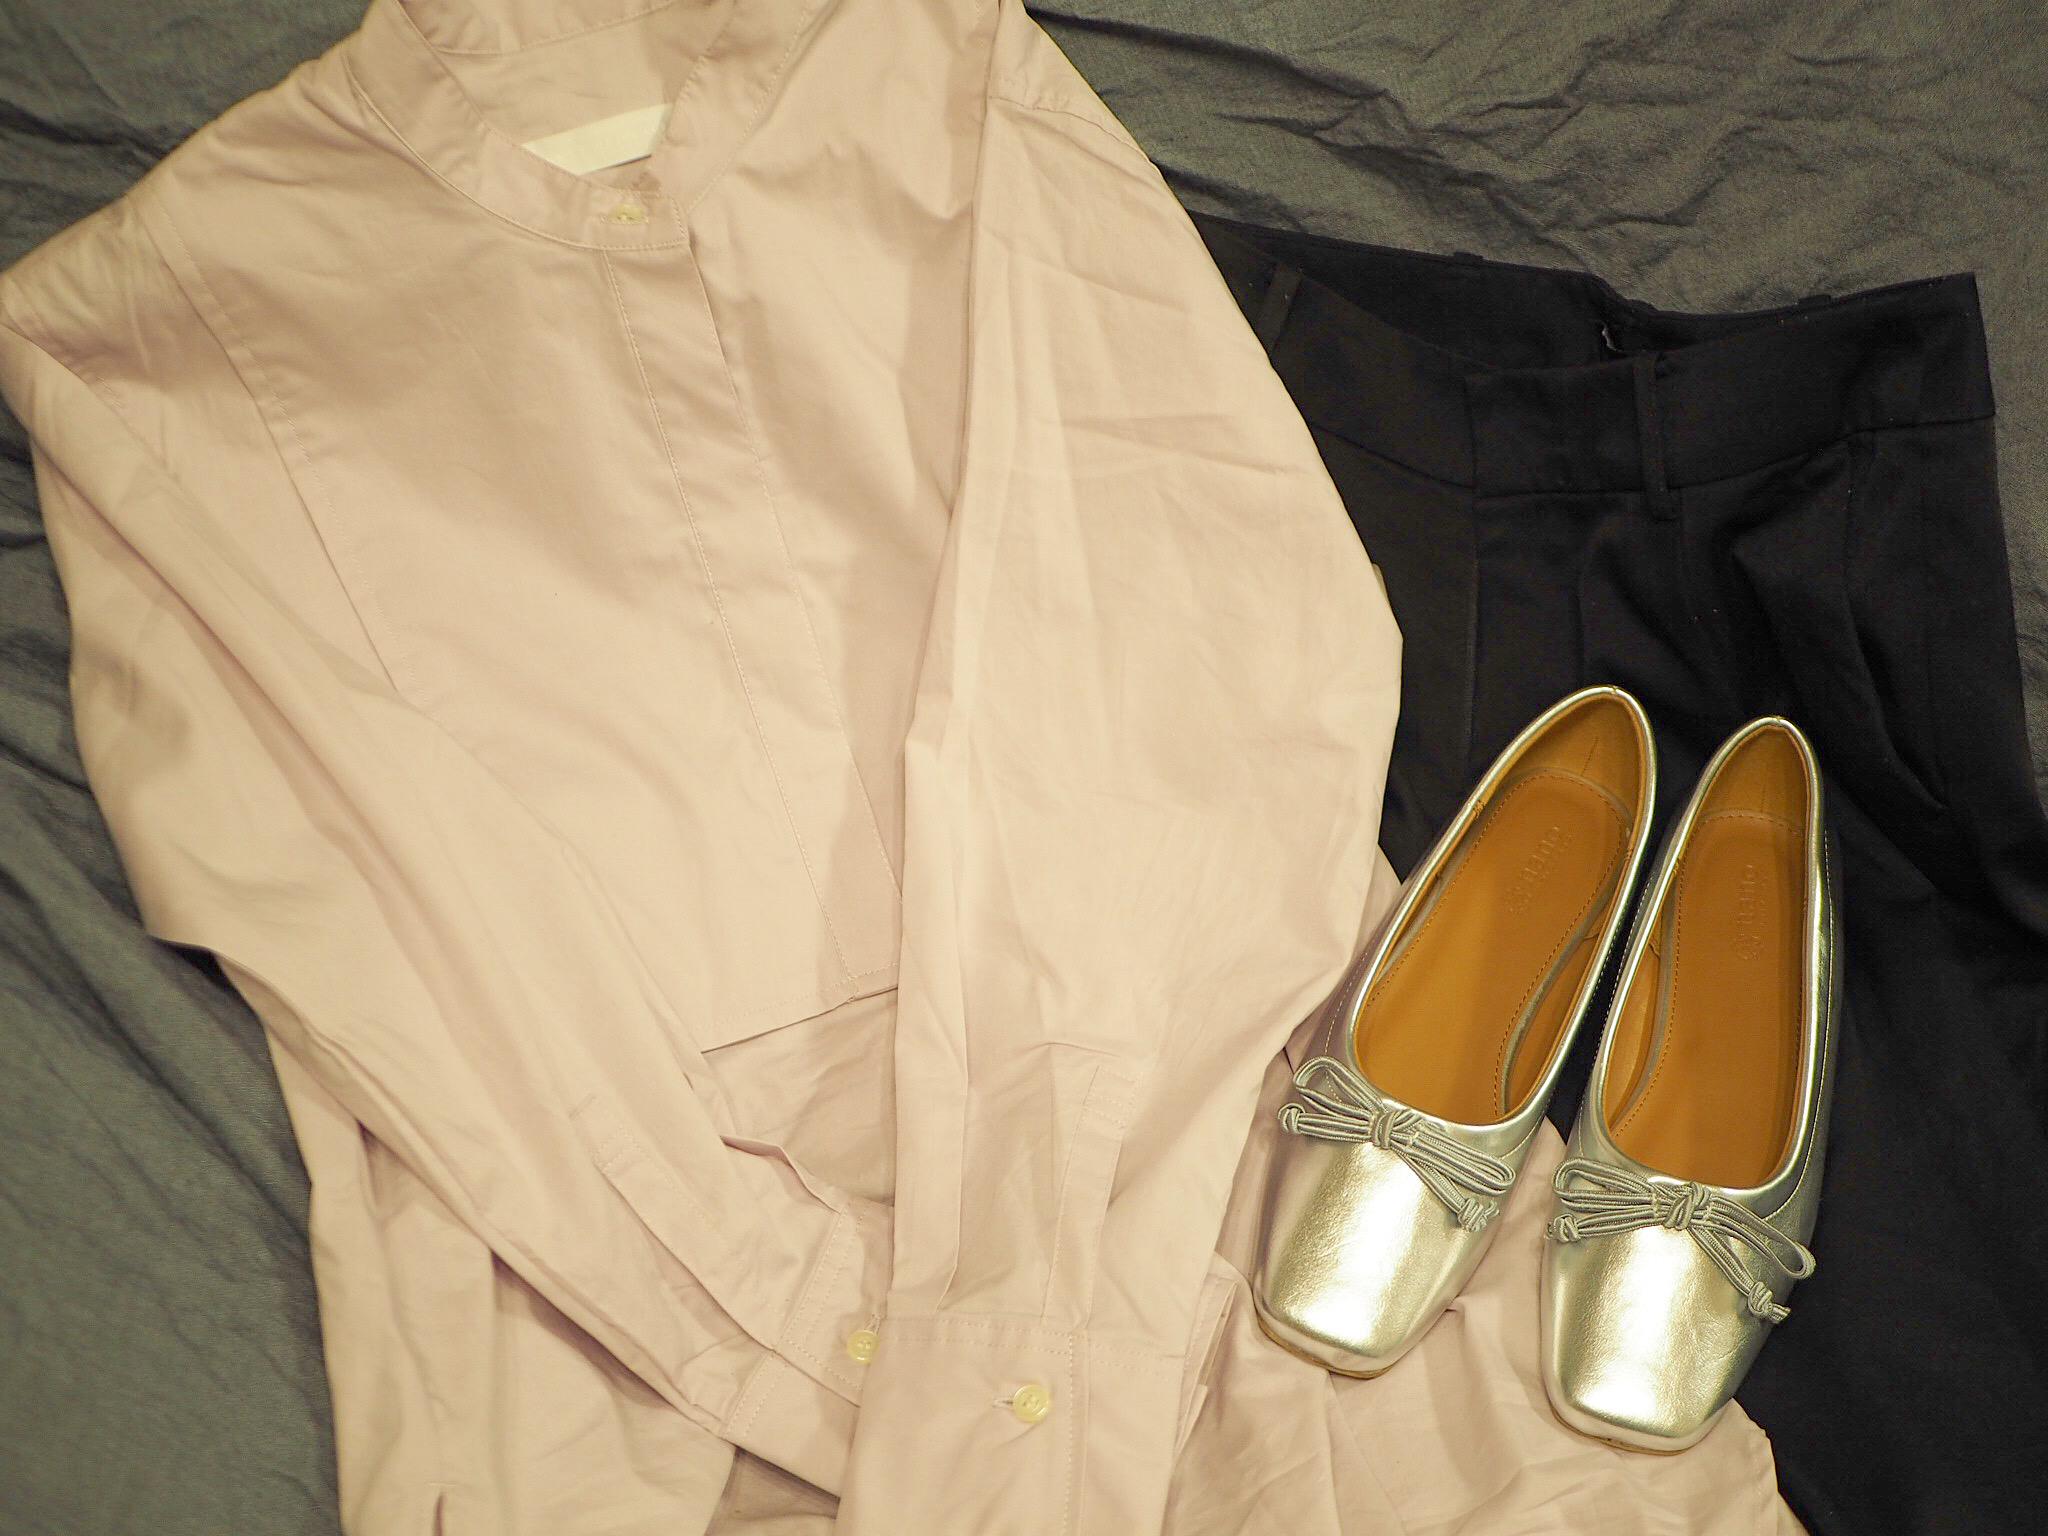 プチプラ服!【センスオブプレイス】の《春色ドレスシャツ》が可愛い♡⋈_6